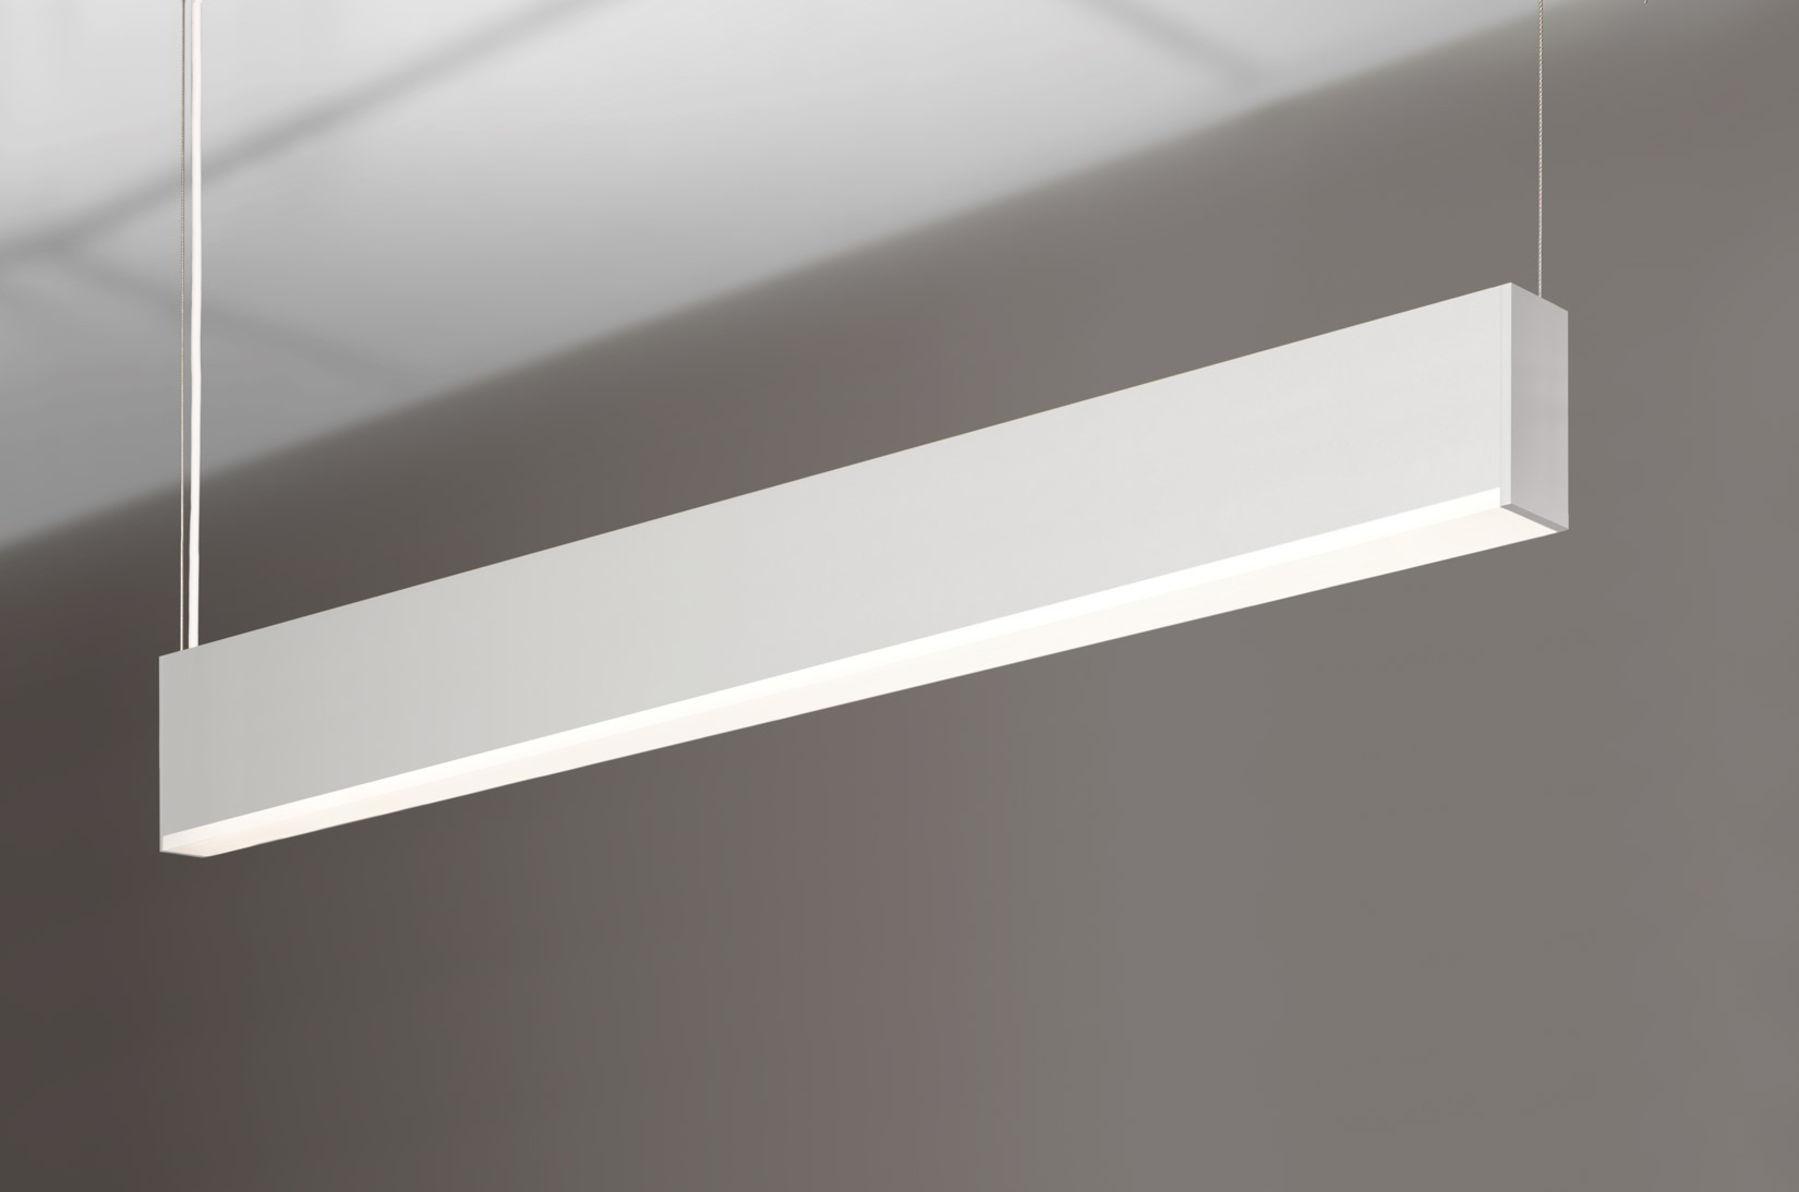 Picture of GX3D13D2-LED-LENS3D